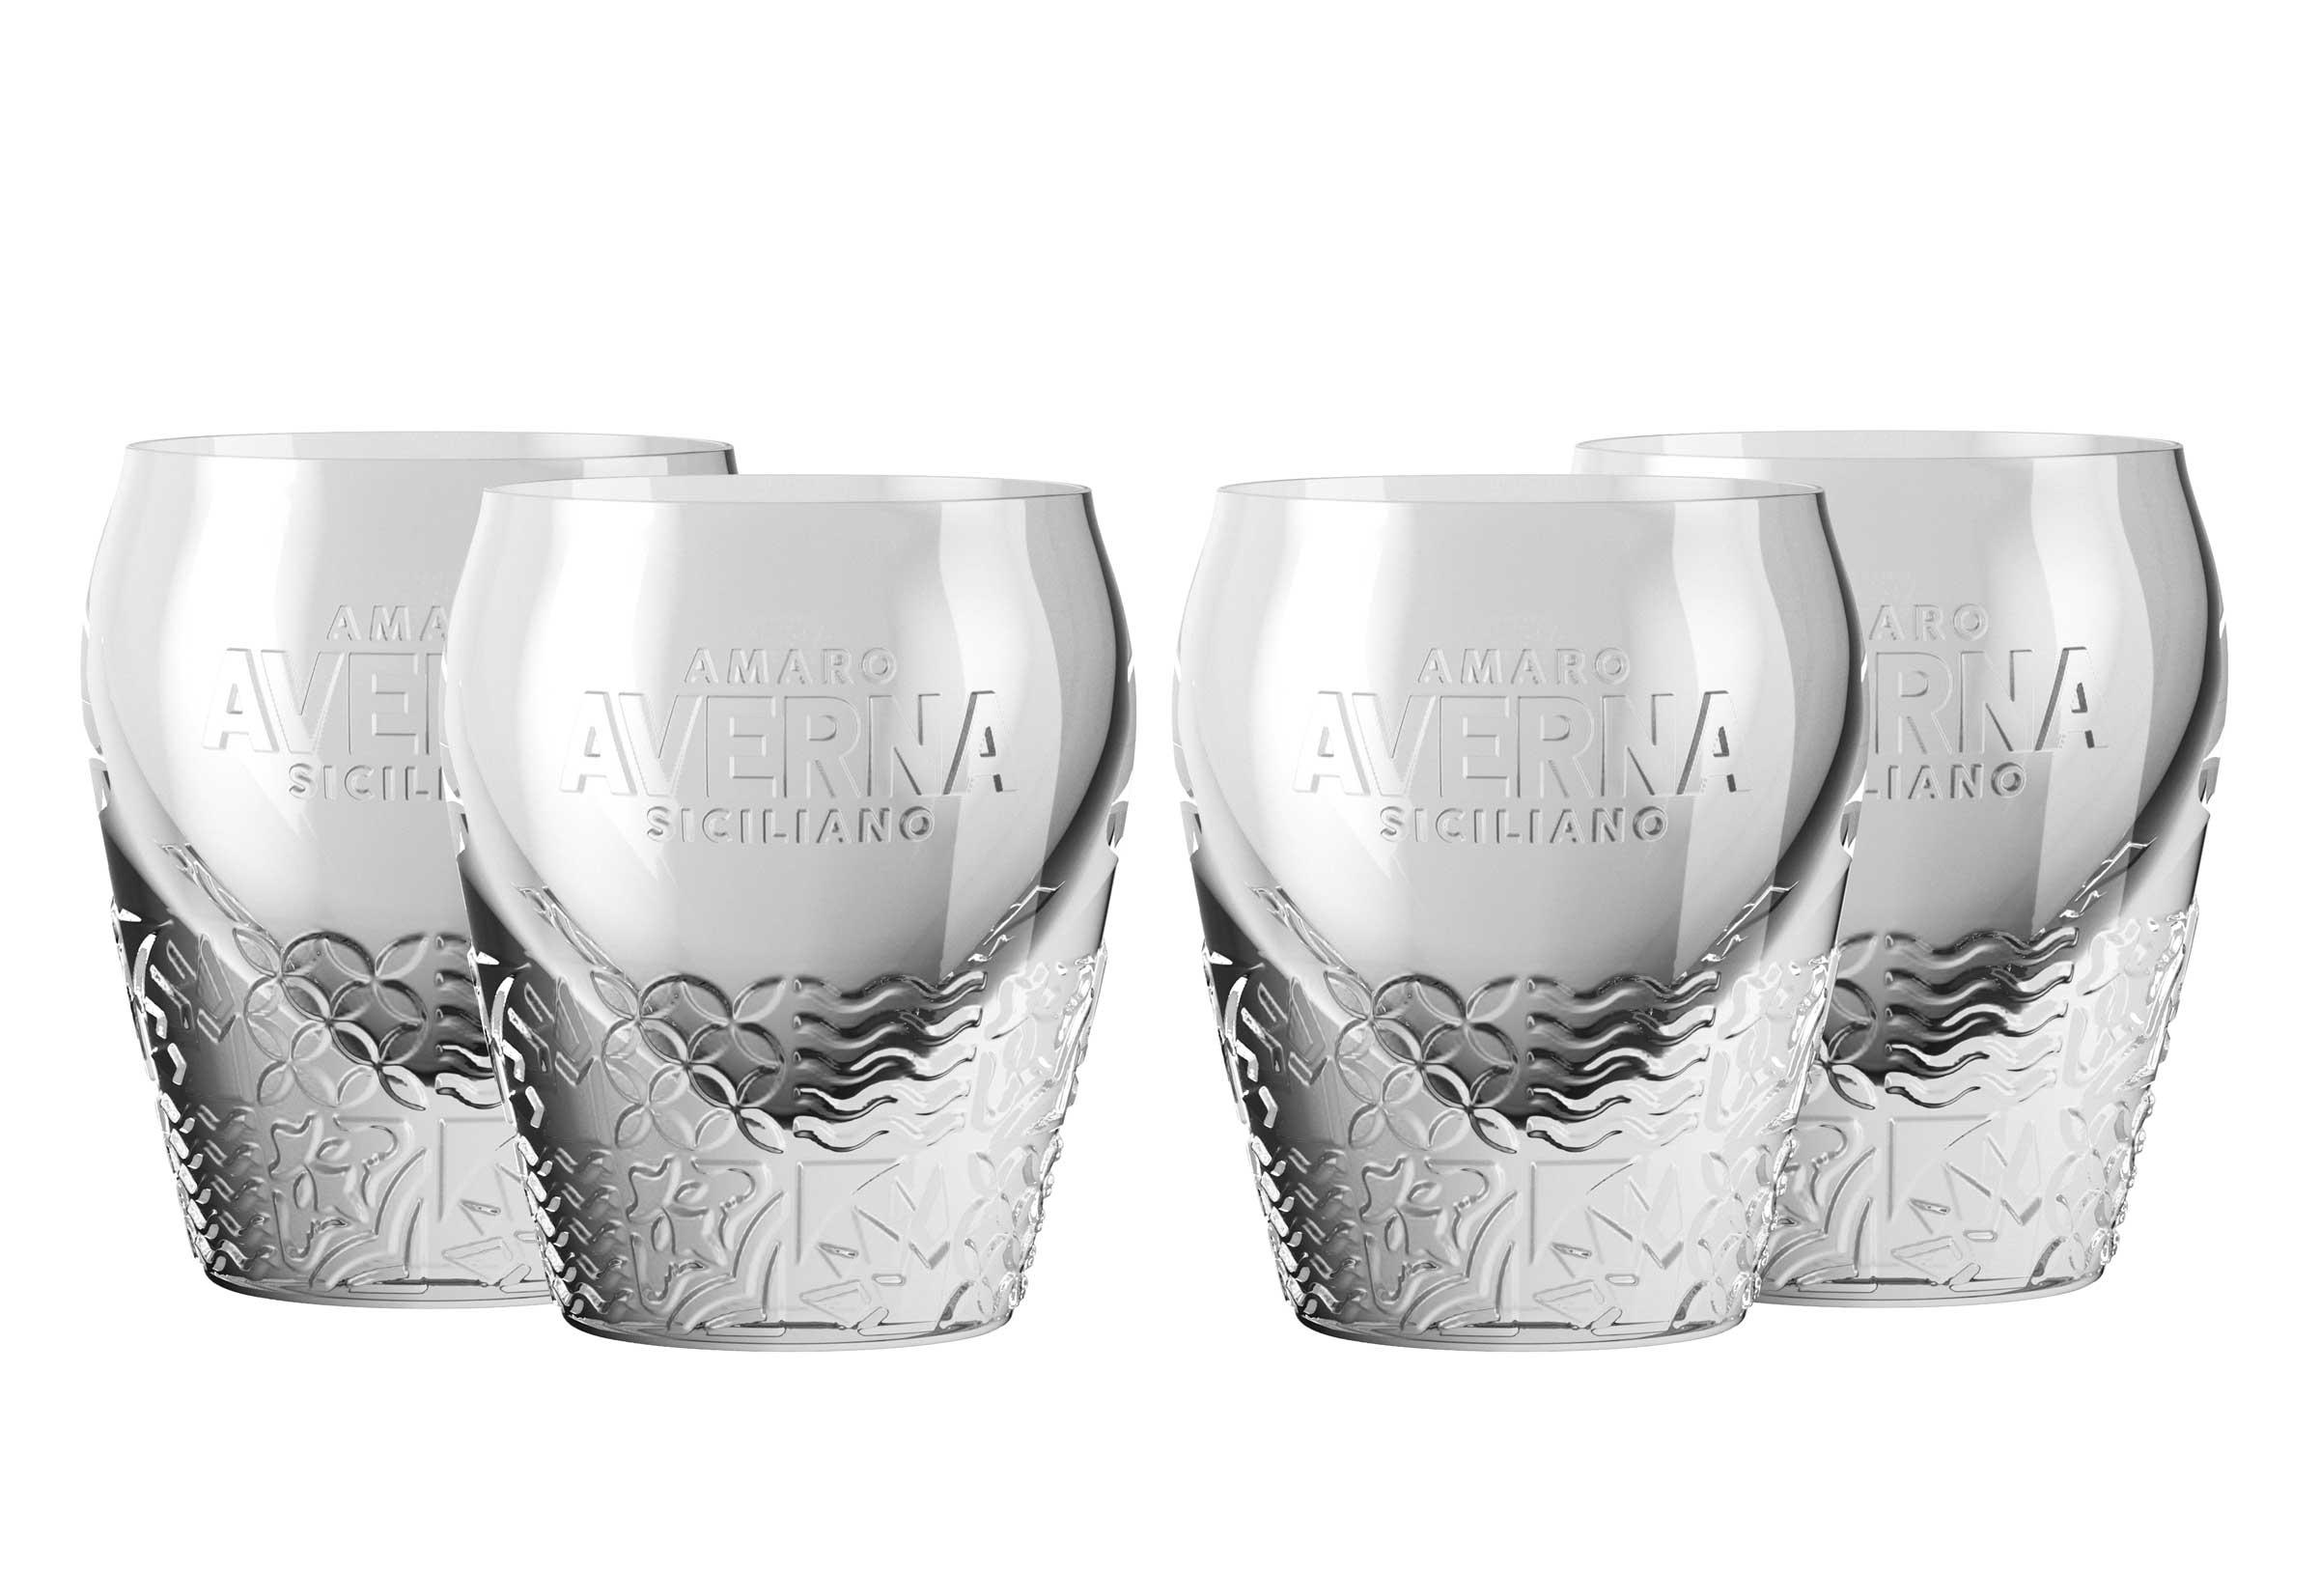 Averna Shotglas - 4er Set Glas neues Design / Tumbler mit Muster und 2cm Eichung